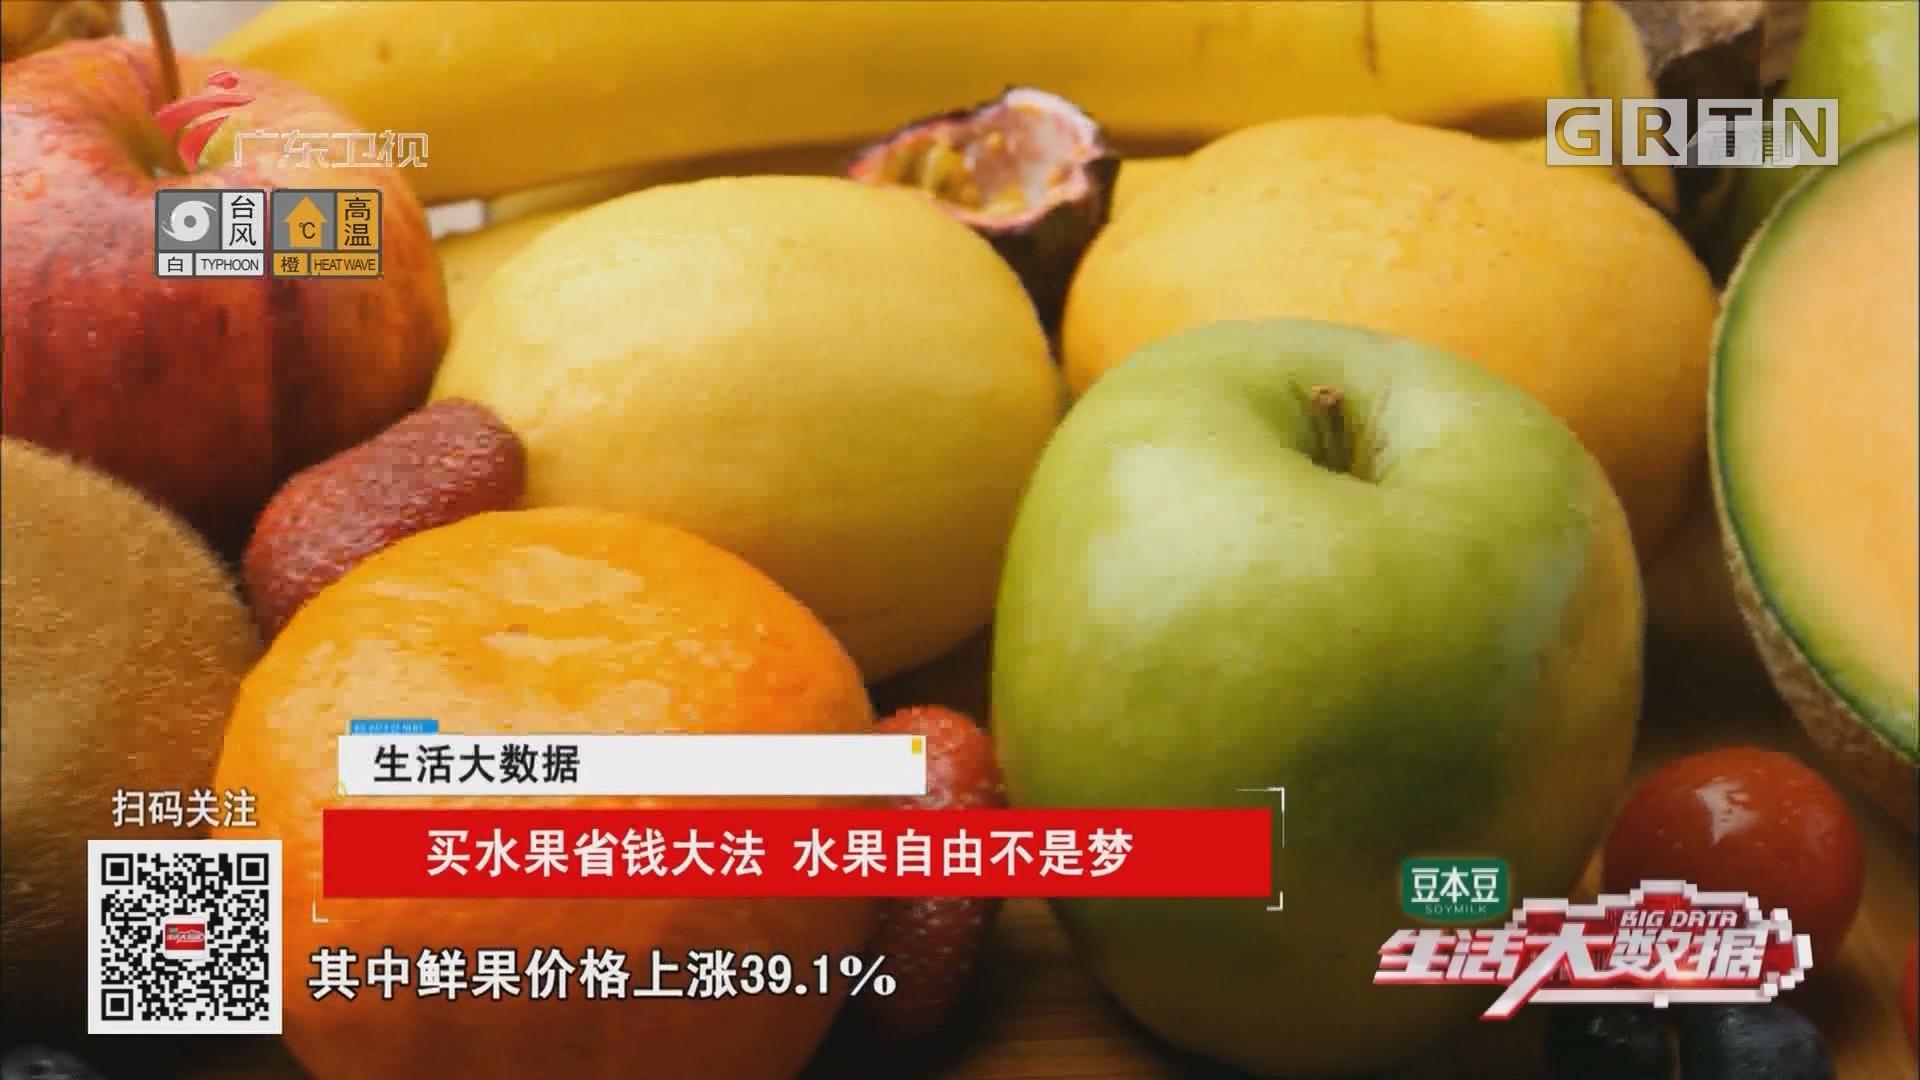 买水果省钱大法 水果自由不是梦